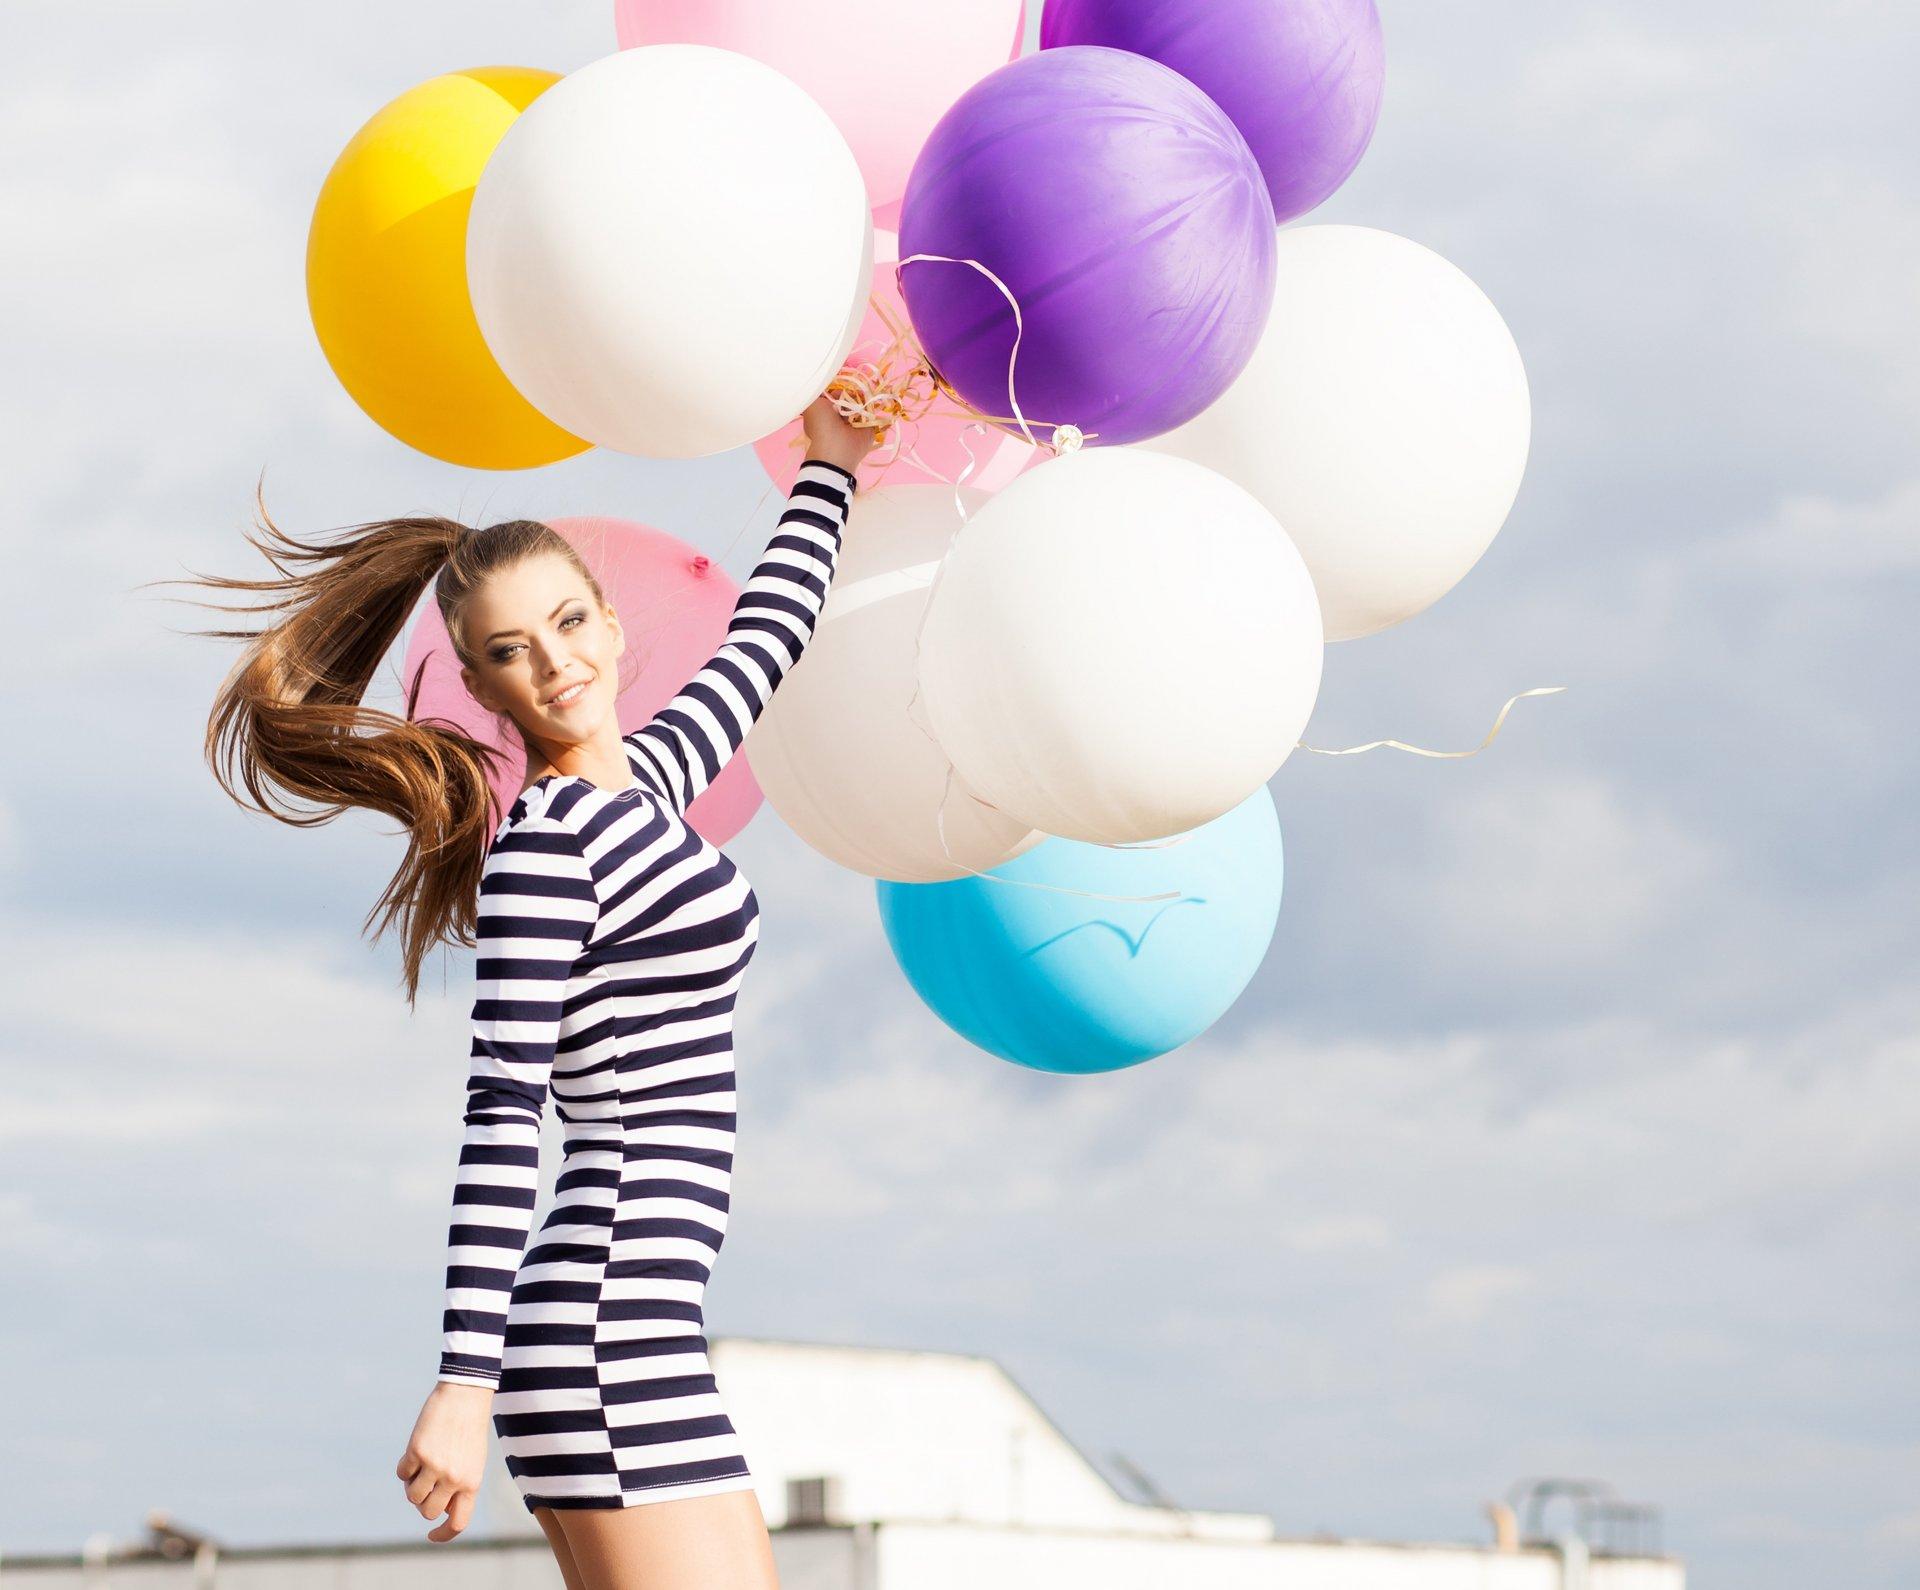 девушка с игрушками шары фасада зайдут